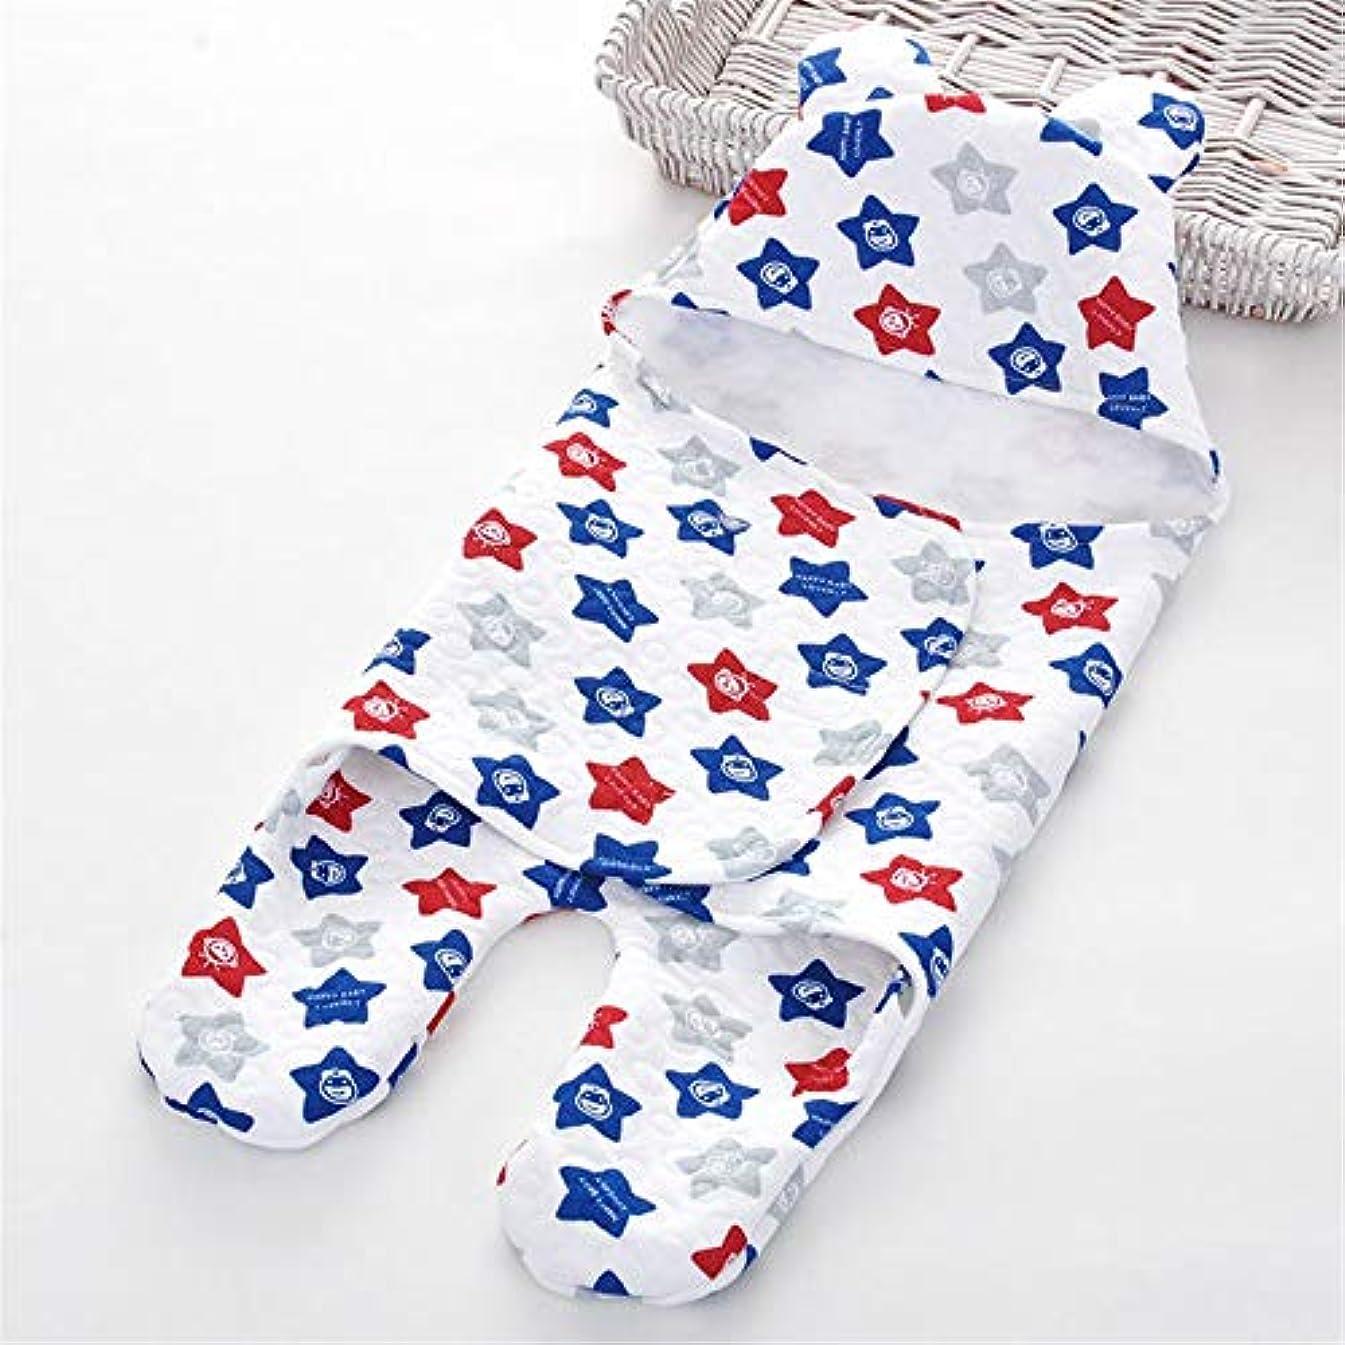 税金ベルト群衆ベビー寝袋 生まれたばかりの赤ちゃんの男の子か女の子調節可能な寝袋中立設定用おくるみブランケットに包まれたオーガニックコットン 新生児睡眠カプセル (色 : D2, サイズ : 70X34cm)